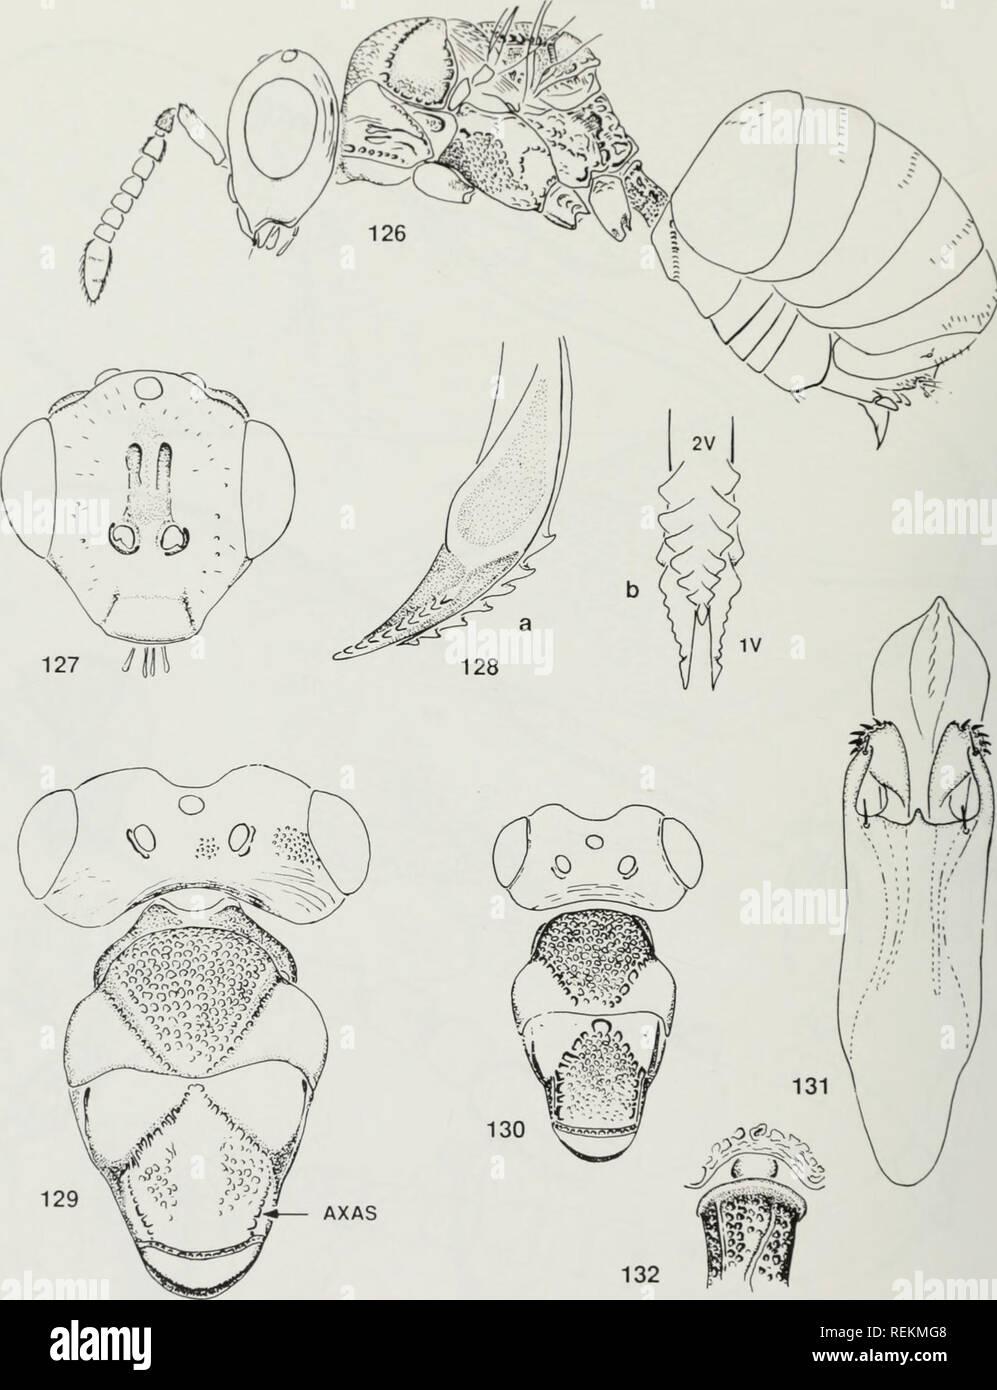 . Clasificación y evolución de la Oraseminae en el viejo mundo, incluidas las revisiones de dos géneros estrechamente relacionados de Eucharitinae (Hymenoptera: Eucharitidae). Eucharitidae; Insectos. Las Figs. 126-132. Orasema. 126-128. O. me^lahra. 9: 126. Habitus; 127. Cabeza en vista frontal: 128. Ovipositor en lateral (A) y (b) Vista dorsal. 129. O. synempora, cabeza y mesothorax en vista dorsal. 9. 130. O. I>lahra. Cabeza y mesothorax en vista dorsal, 9. 131.0. vali;iits. los genitales. 6. 132. O. I>l(ihra. base del peciolo en dor- sal vista. Abreviaturas: AX COMO = axillular sulcus; 1V-2V = primera y segunda vai Foto de stock